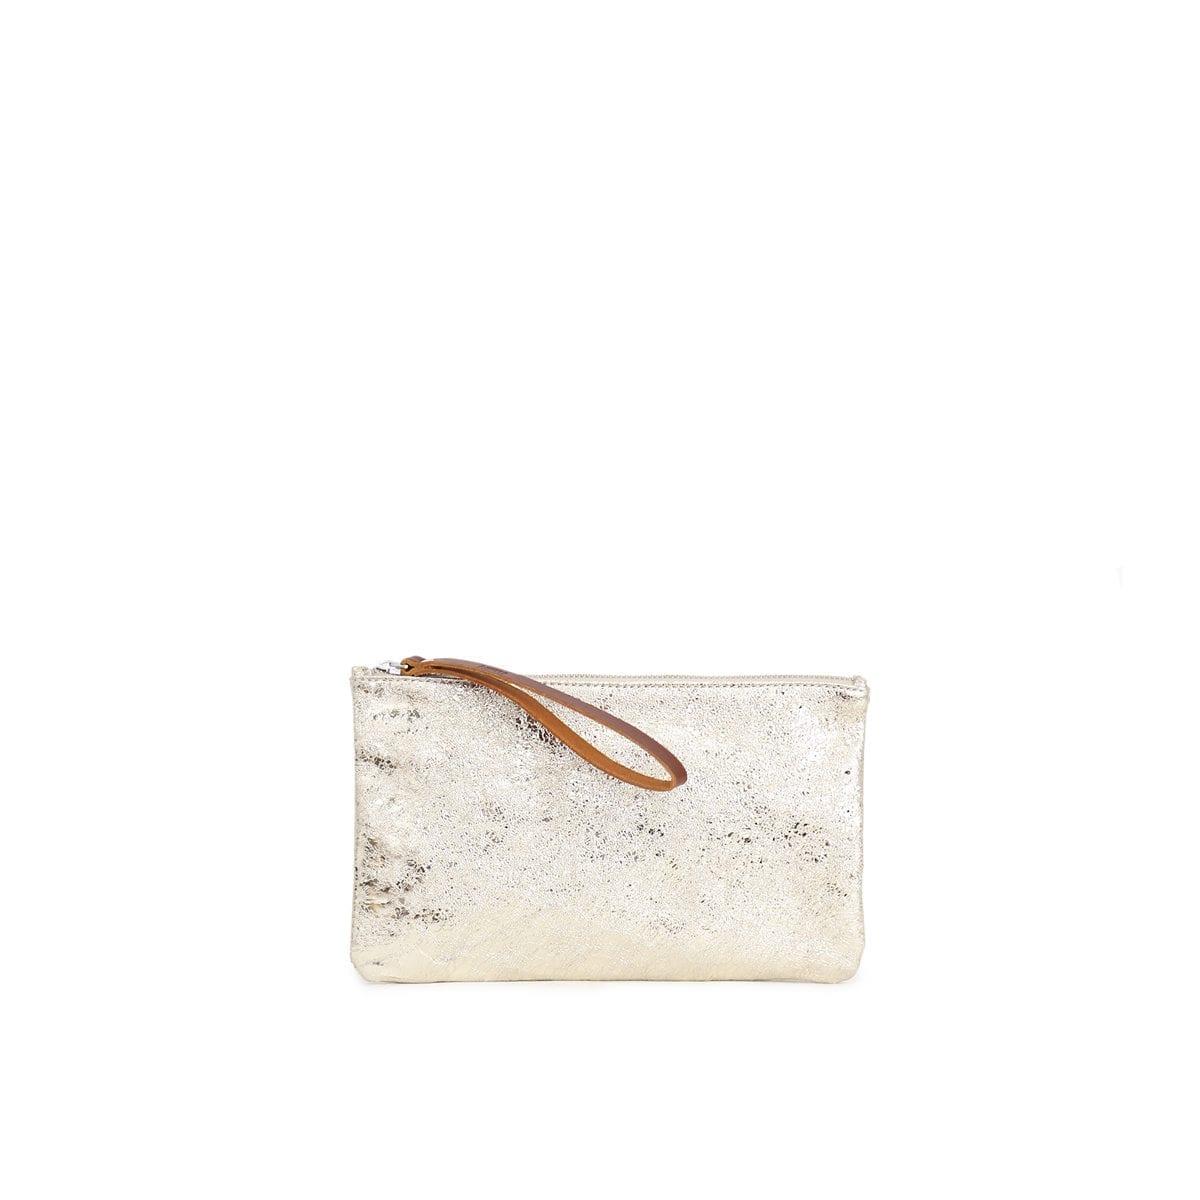 7bf7951d6b Raili Small Clutch Platinum Brown – Lumi Accessories